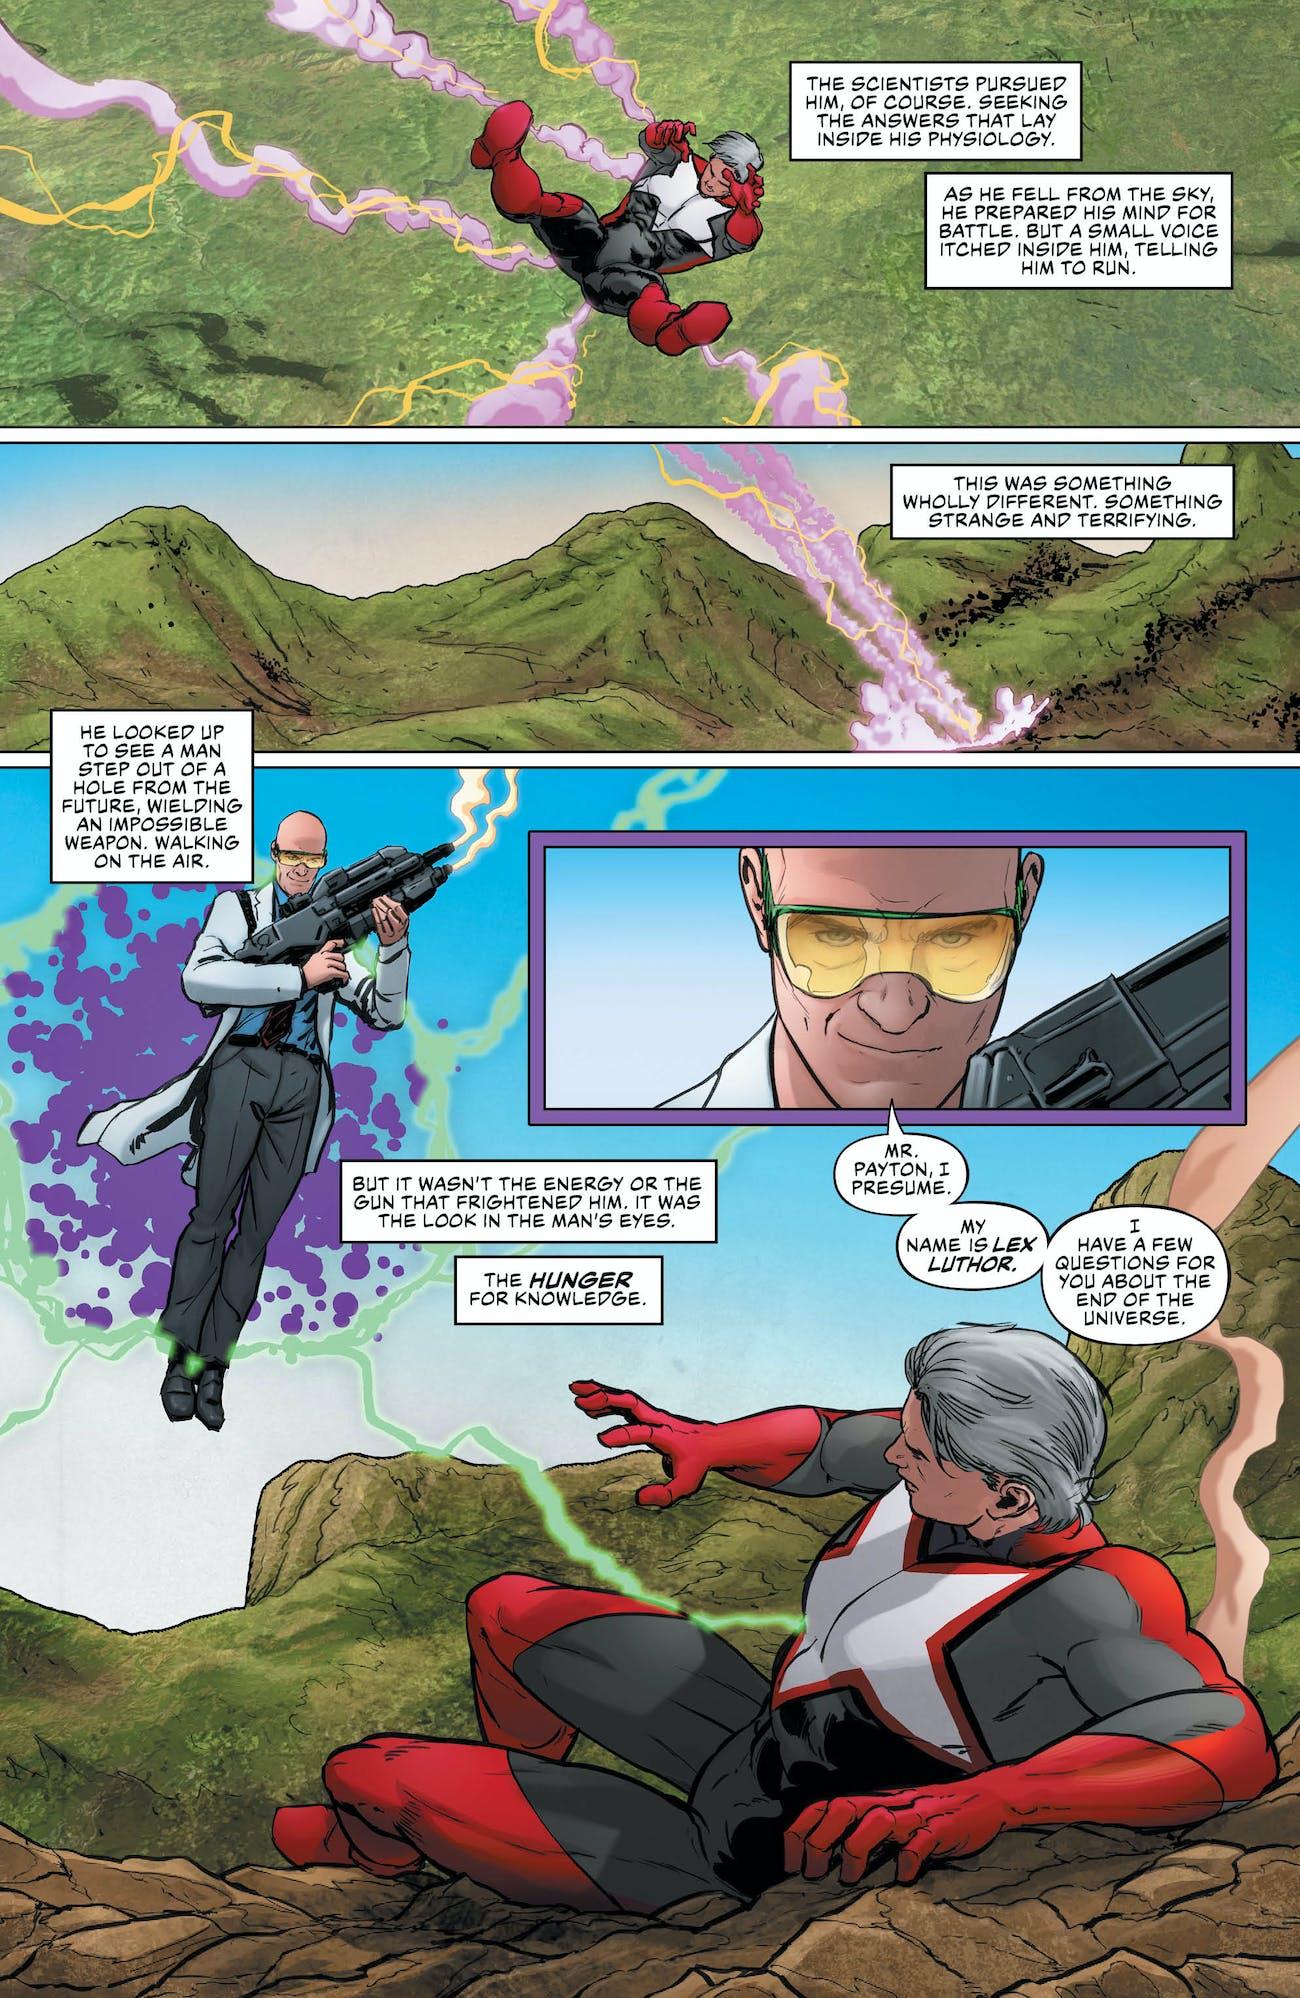 Justice League 8 Lex Luthor